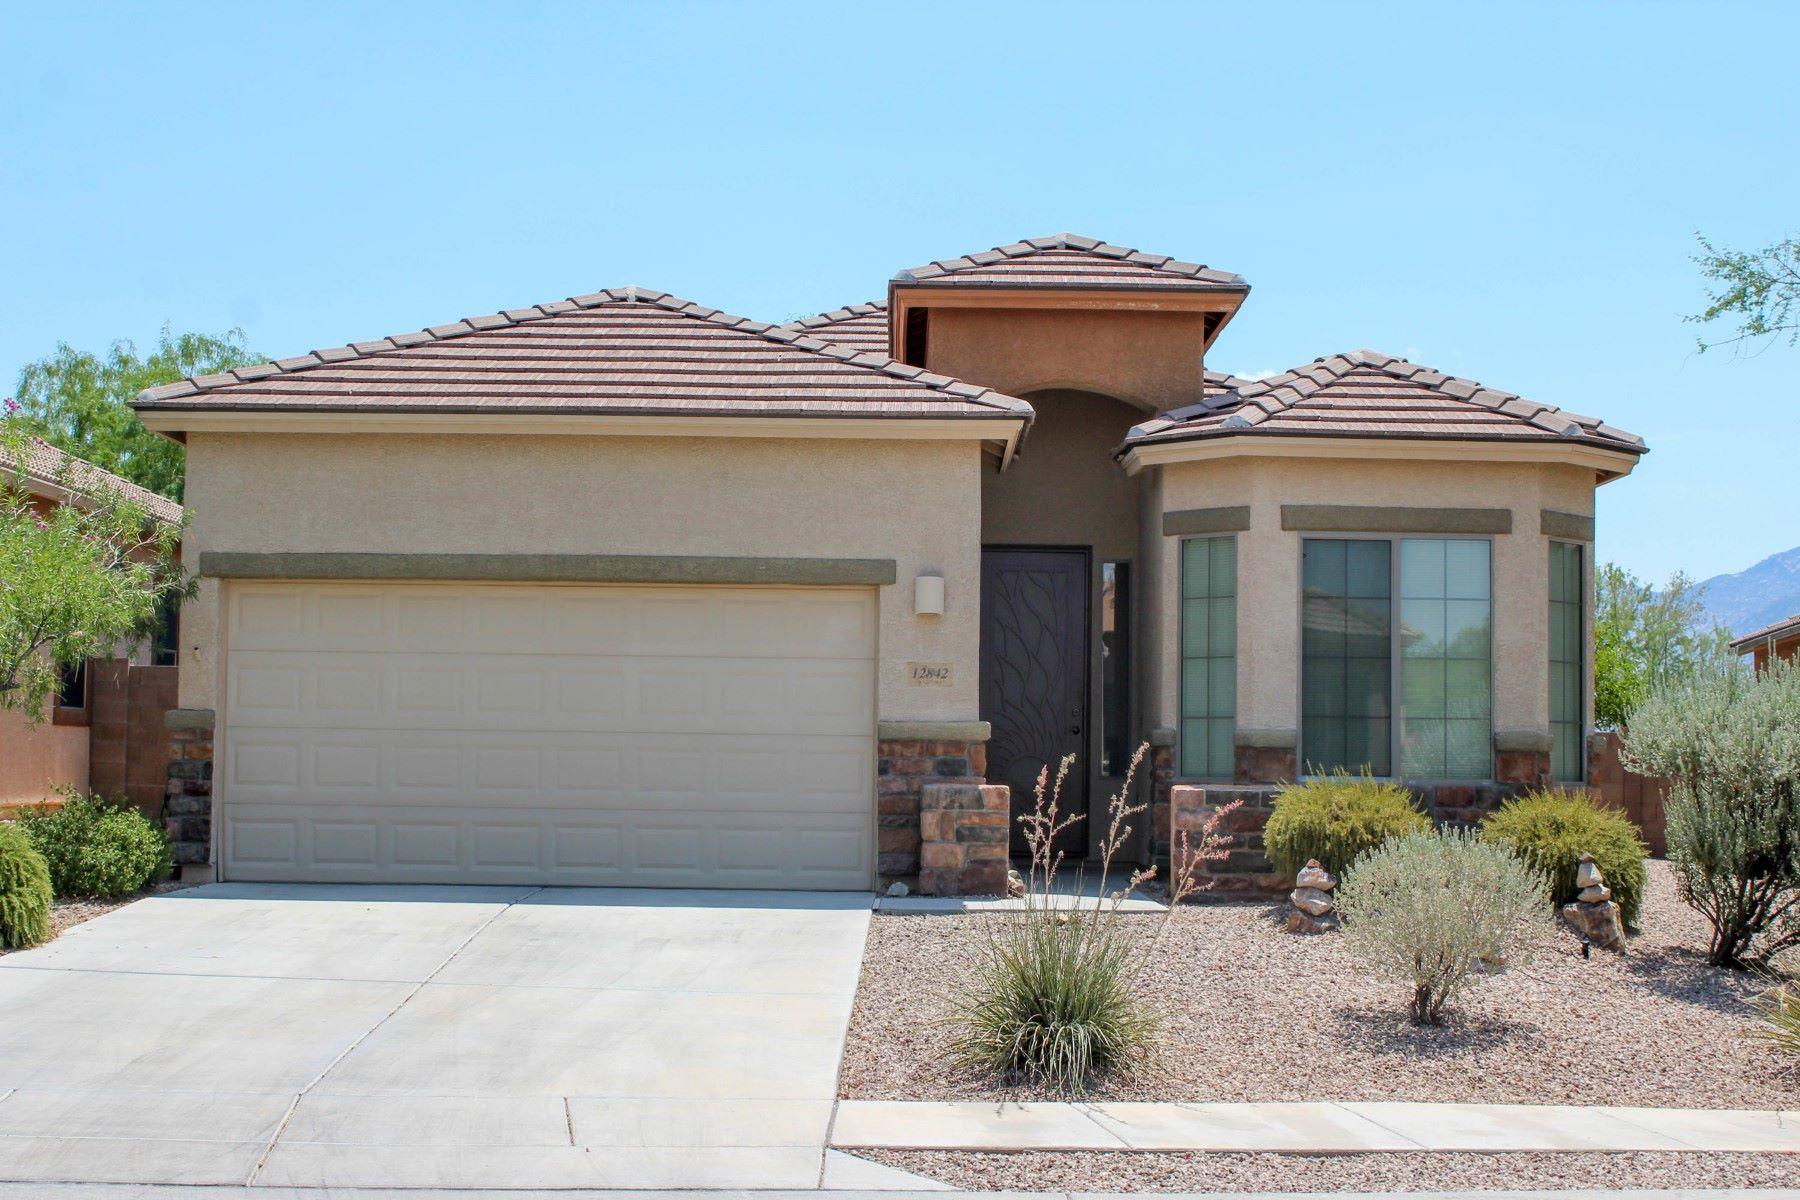 Maison unifamiliale pour l Vente à Rancho Vistoso 12842 N. Westminster Dr. Oro Valley, Arizona, 85755 États-Unis